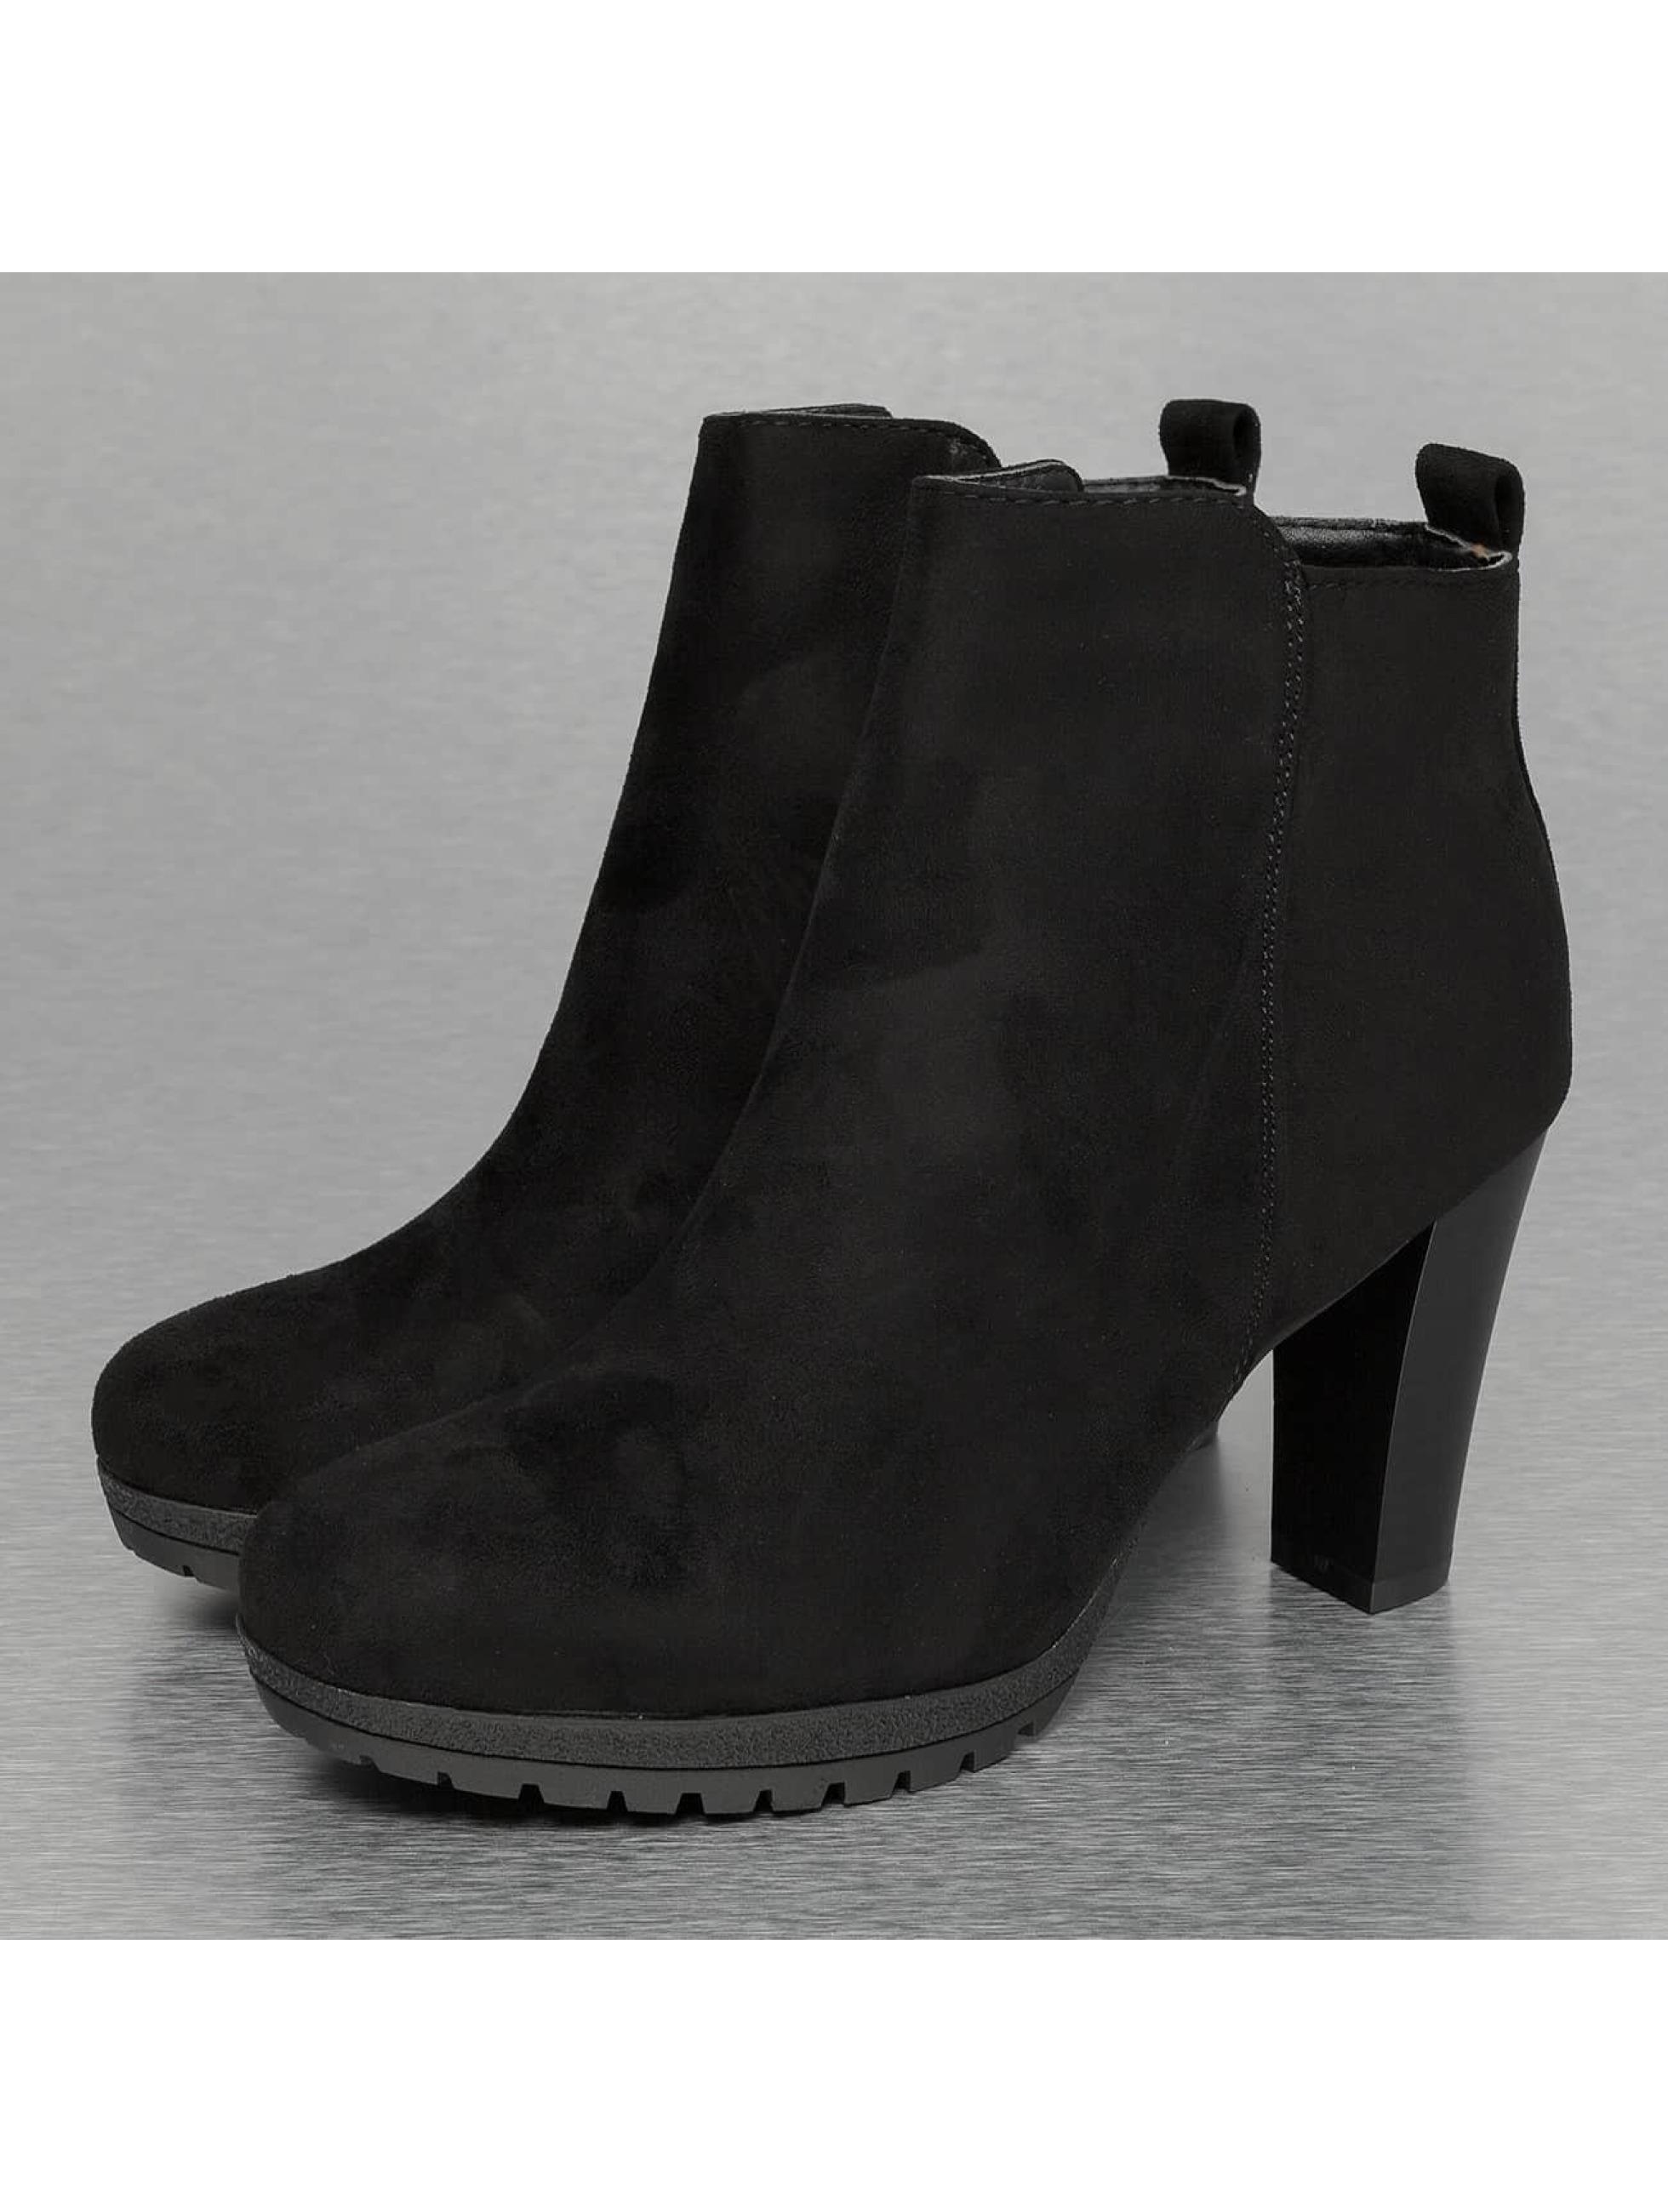 Stiefelette High in schwarz